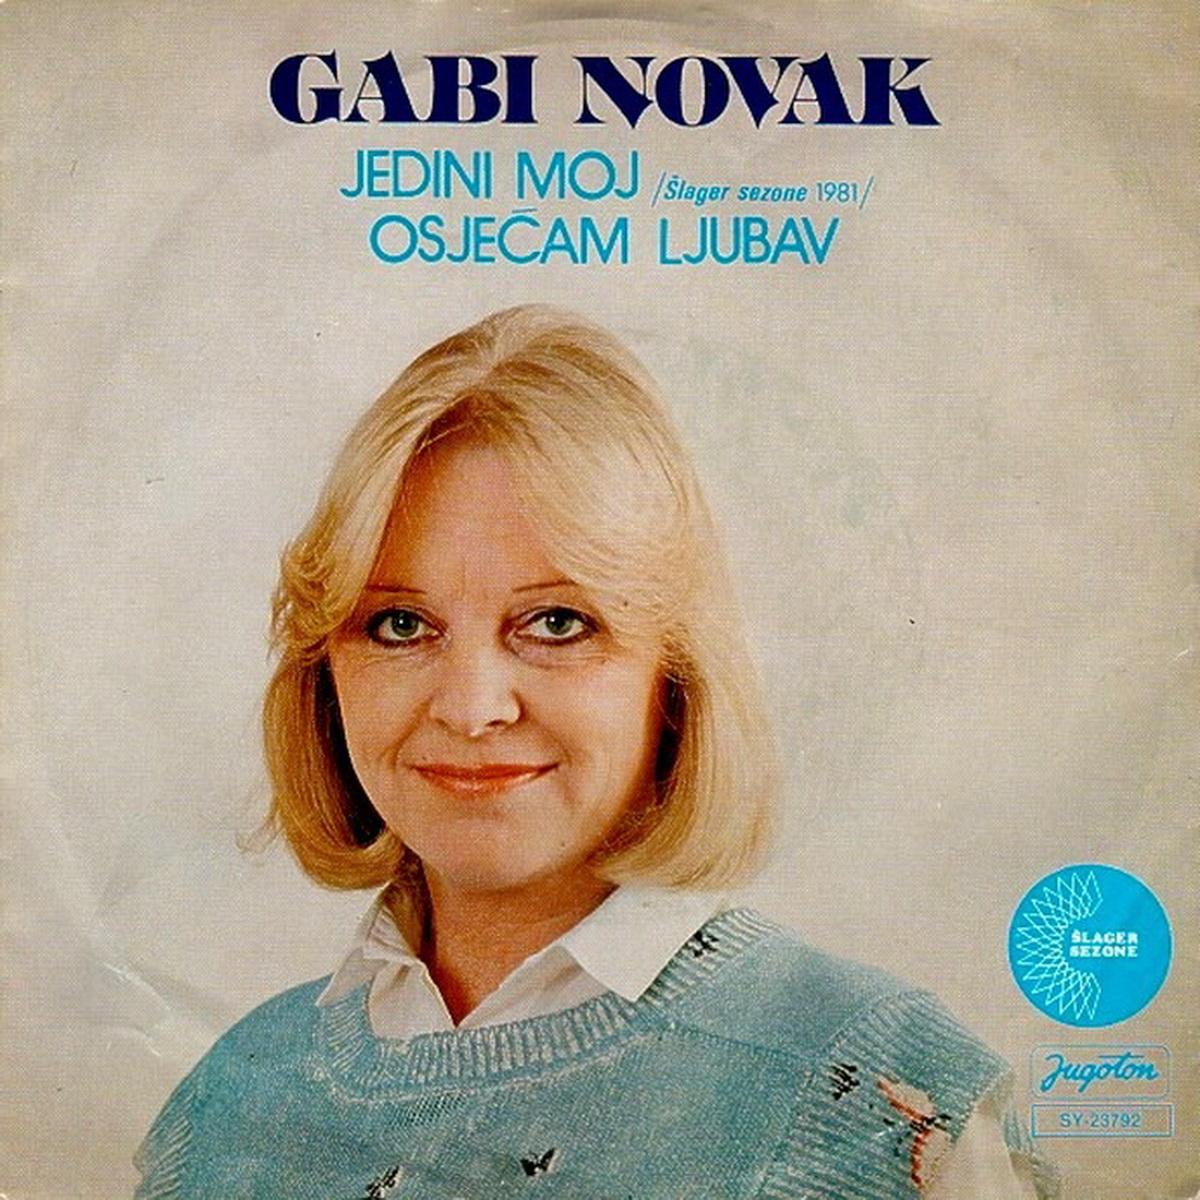 Gabi Novak 1981 Jedini moj A